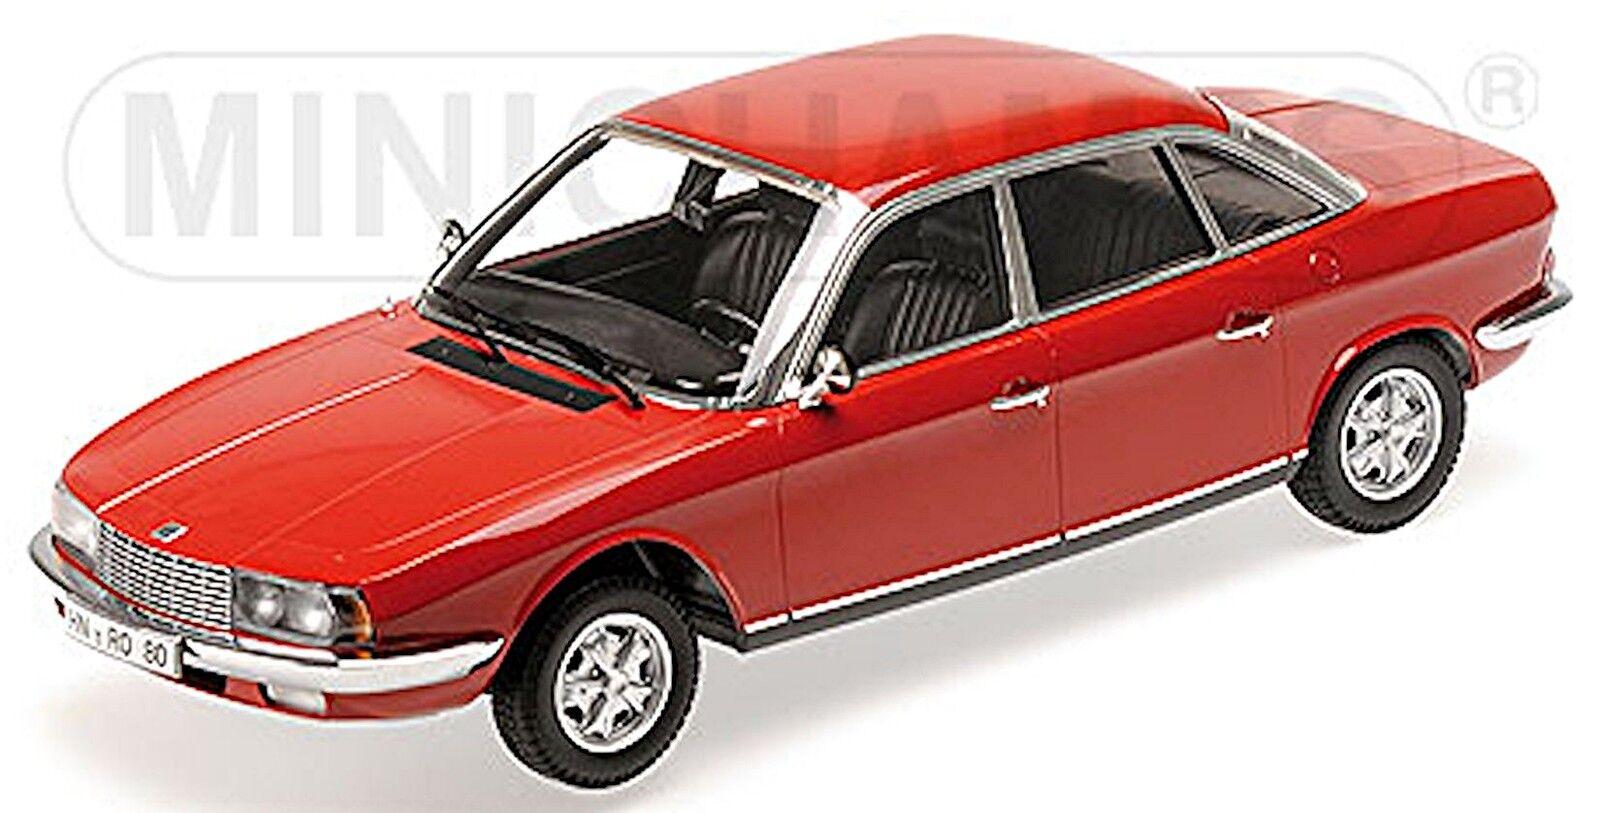 NSU Ro 80 1972 sedán 1967-77 rosso rosso 1 18 Minichamps